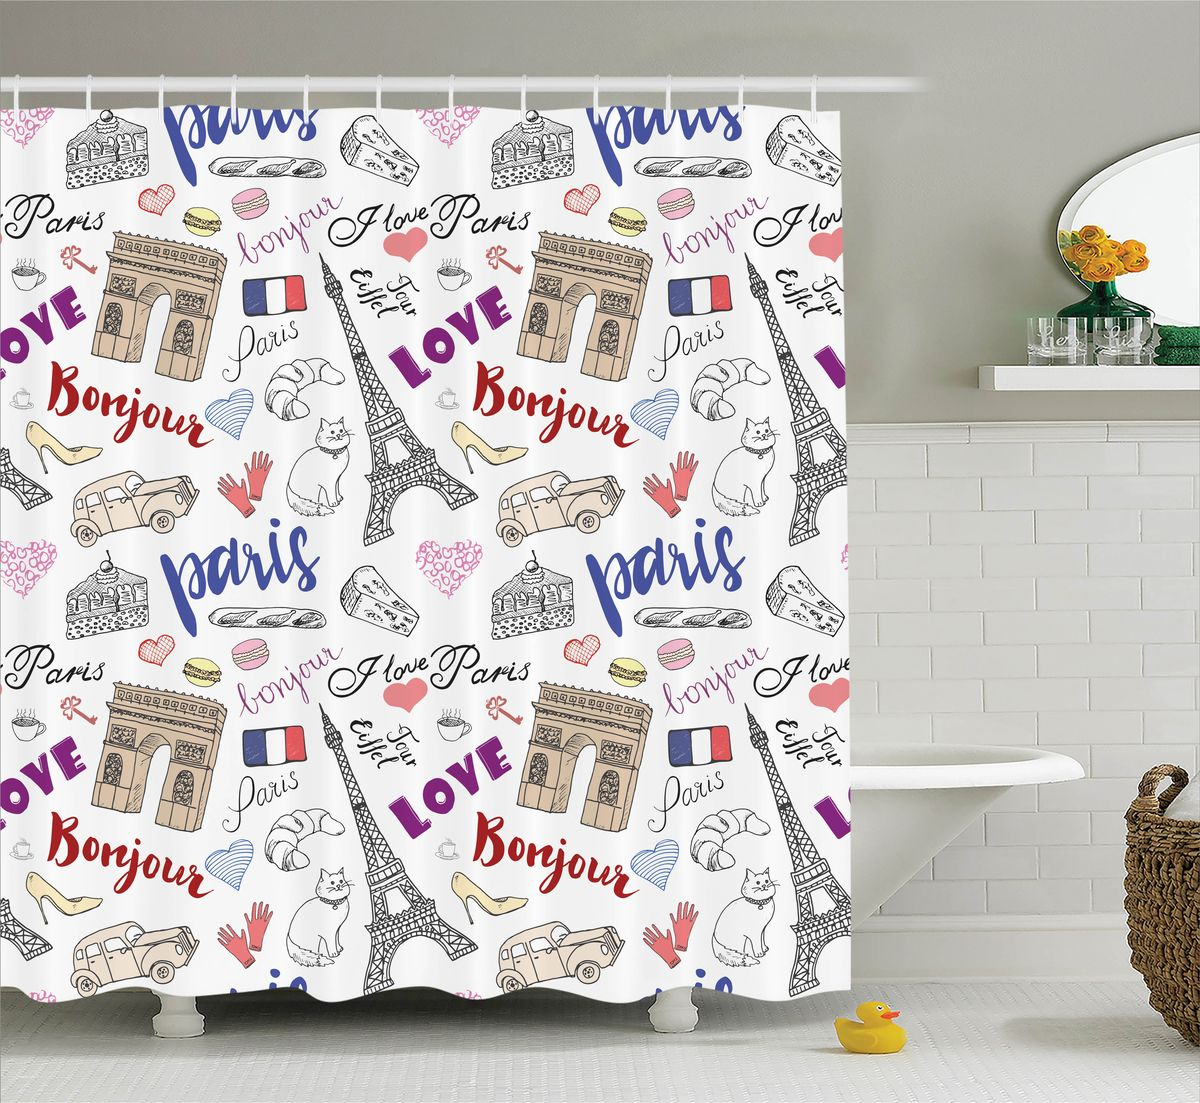 Штора для ванной комнаты Magic Lady Bonjour, Paris!, 180 х 200 см531-105Штора Magic Lady Bonjour, Paris!, изготовленная из высококачественного сатена (полиэстер 100%), отлично дополнит любой интерьер ванной комнаты. При изготовлении используются специальные гипоаллергенные чернила для прямой печати по ткани, безопасные для человека.В комплекте: 1 штора, 12 крючков. Обращаем ваше внимание, фактический цвет изделия может незначительно отличаться от представленного на фото.